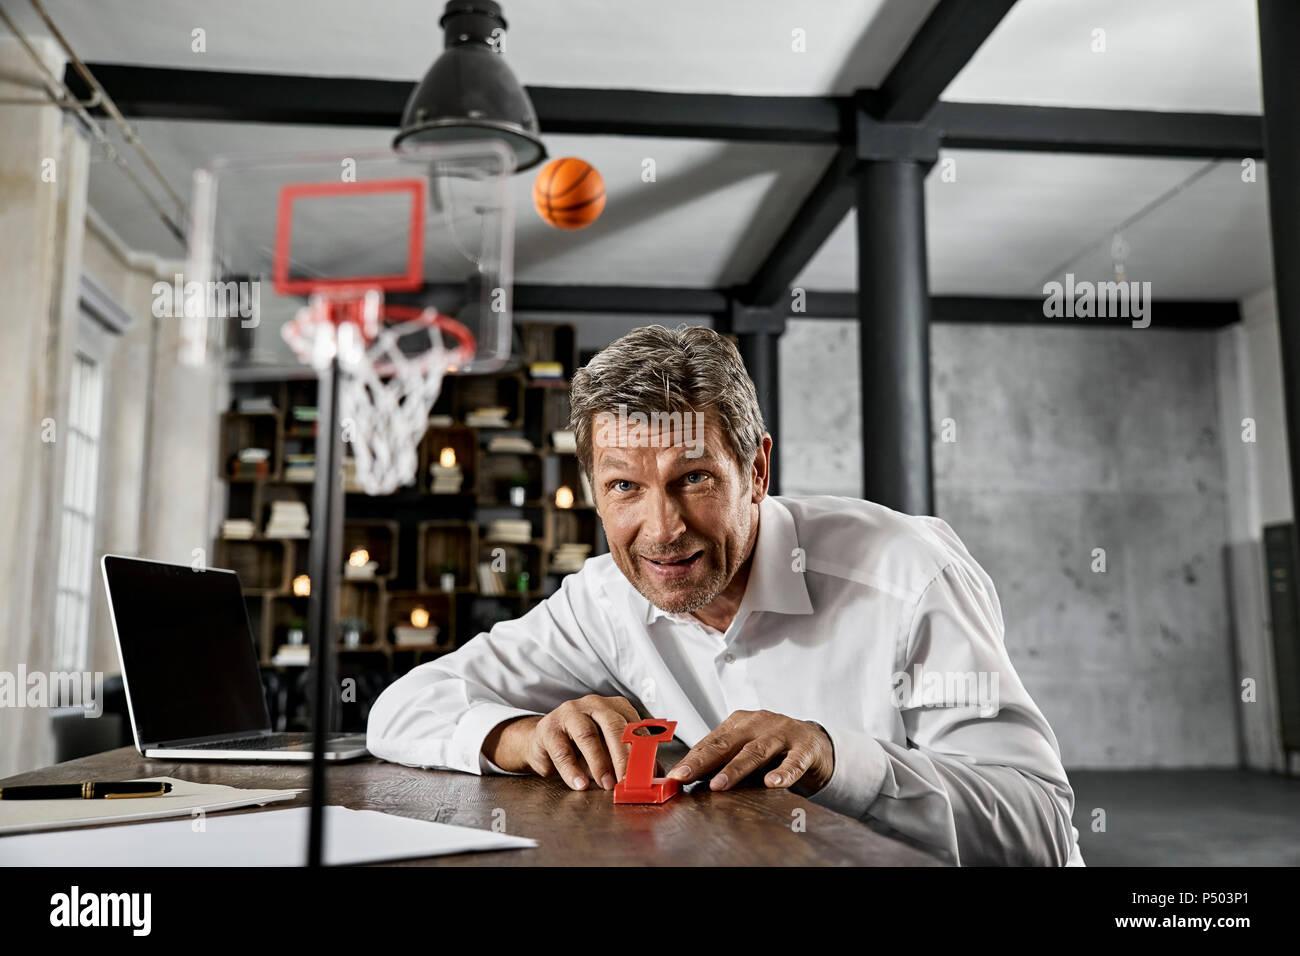 Ritratto di coppia uomo d affari giocando giochi per ufficio in soppalco Immagini Stock